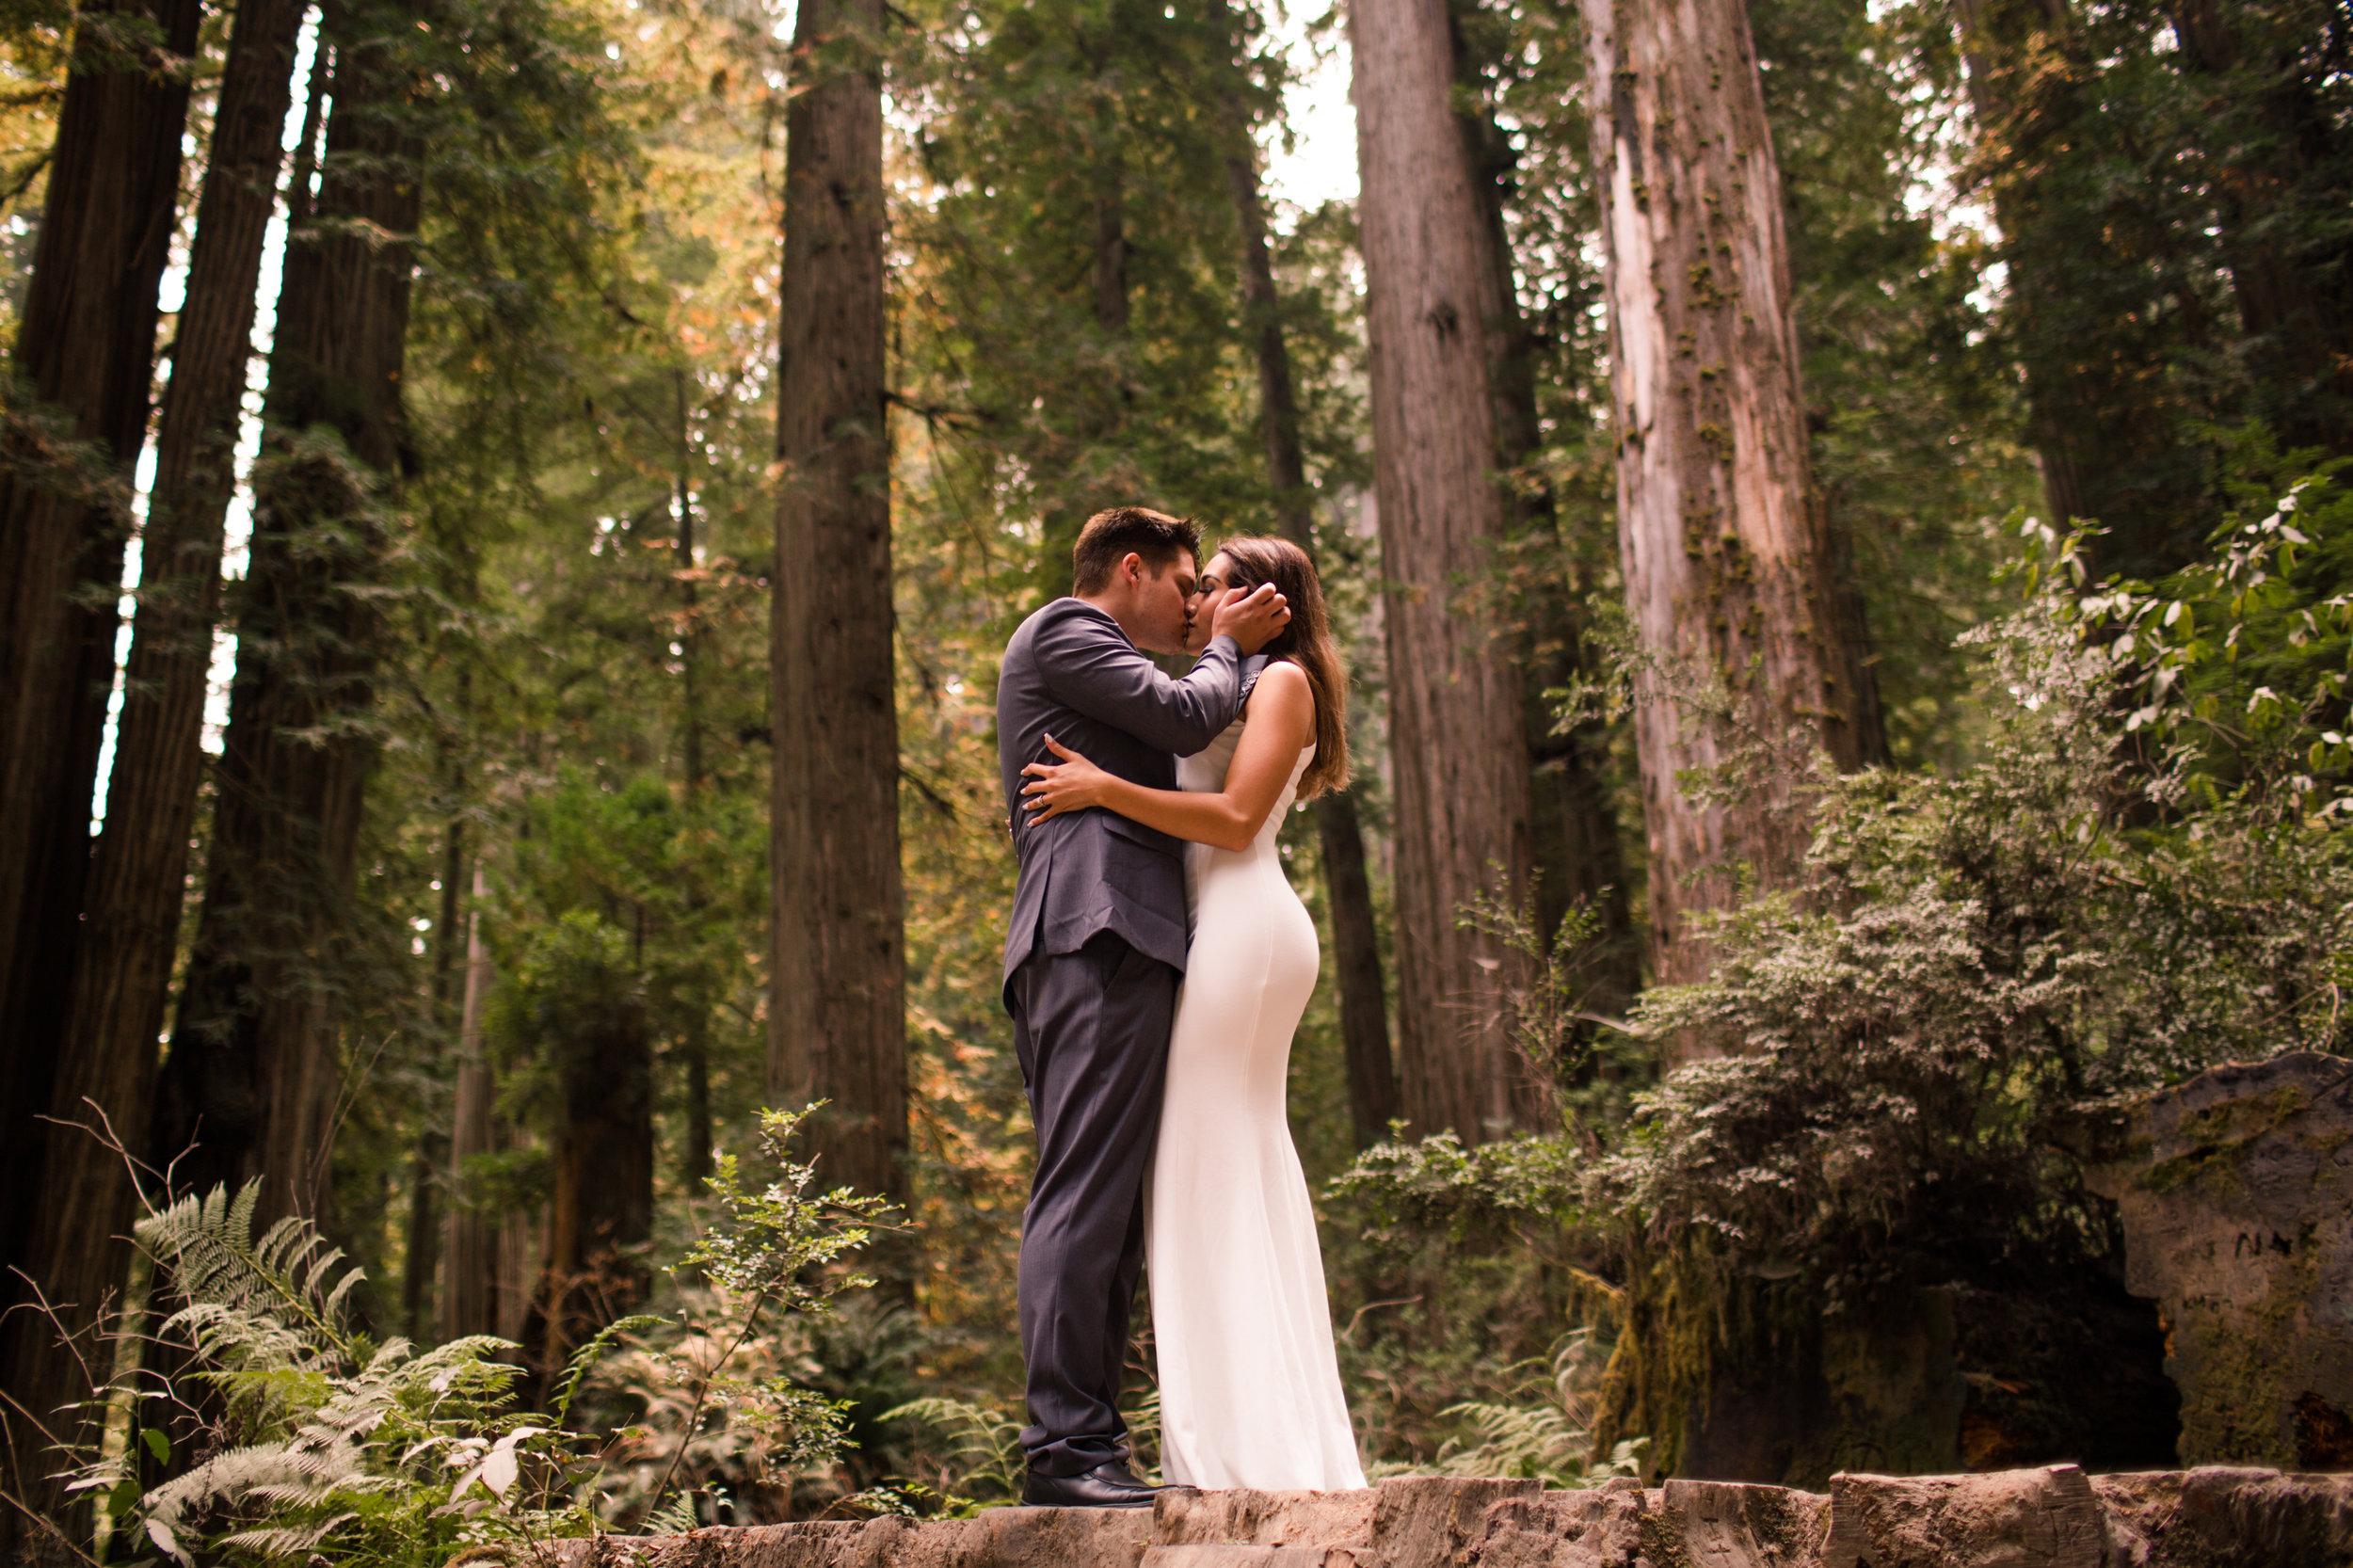 travel-engagement-wedding-photographer-apaytonphoto-2.jpg